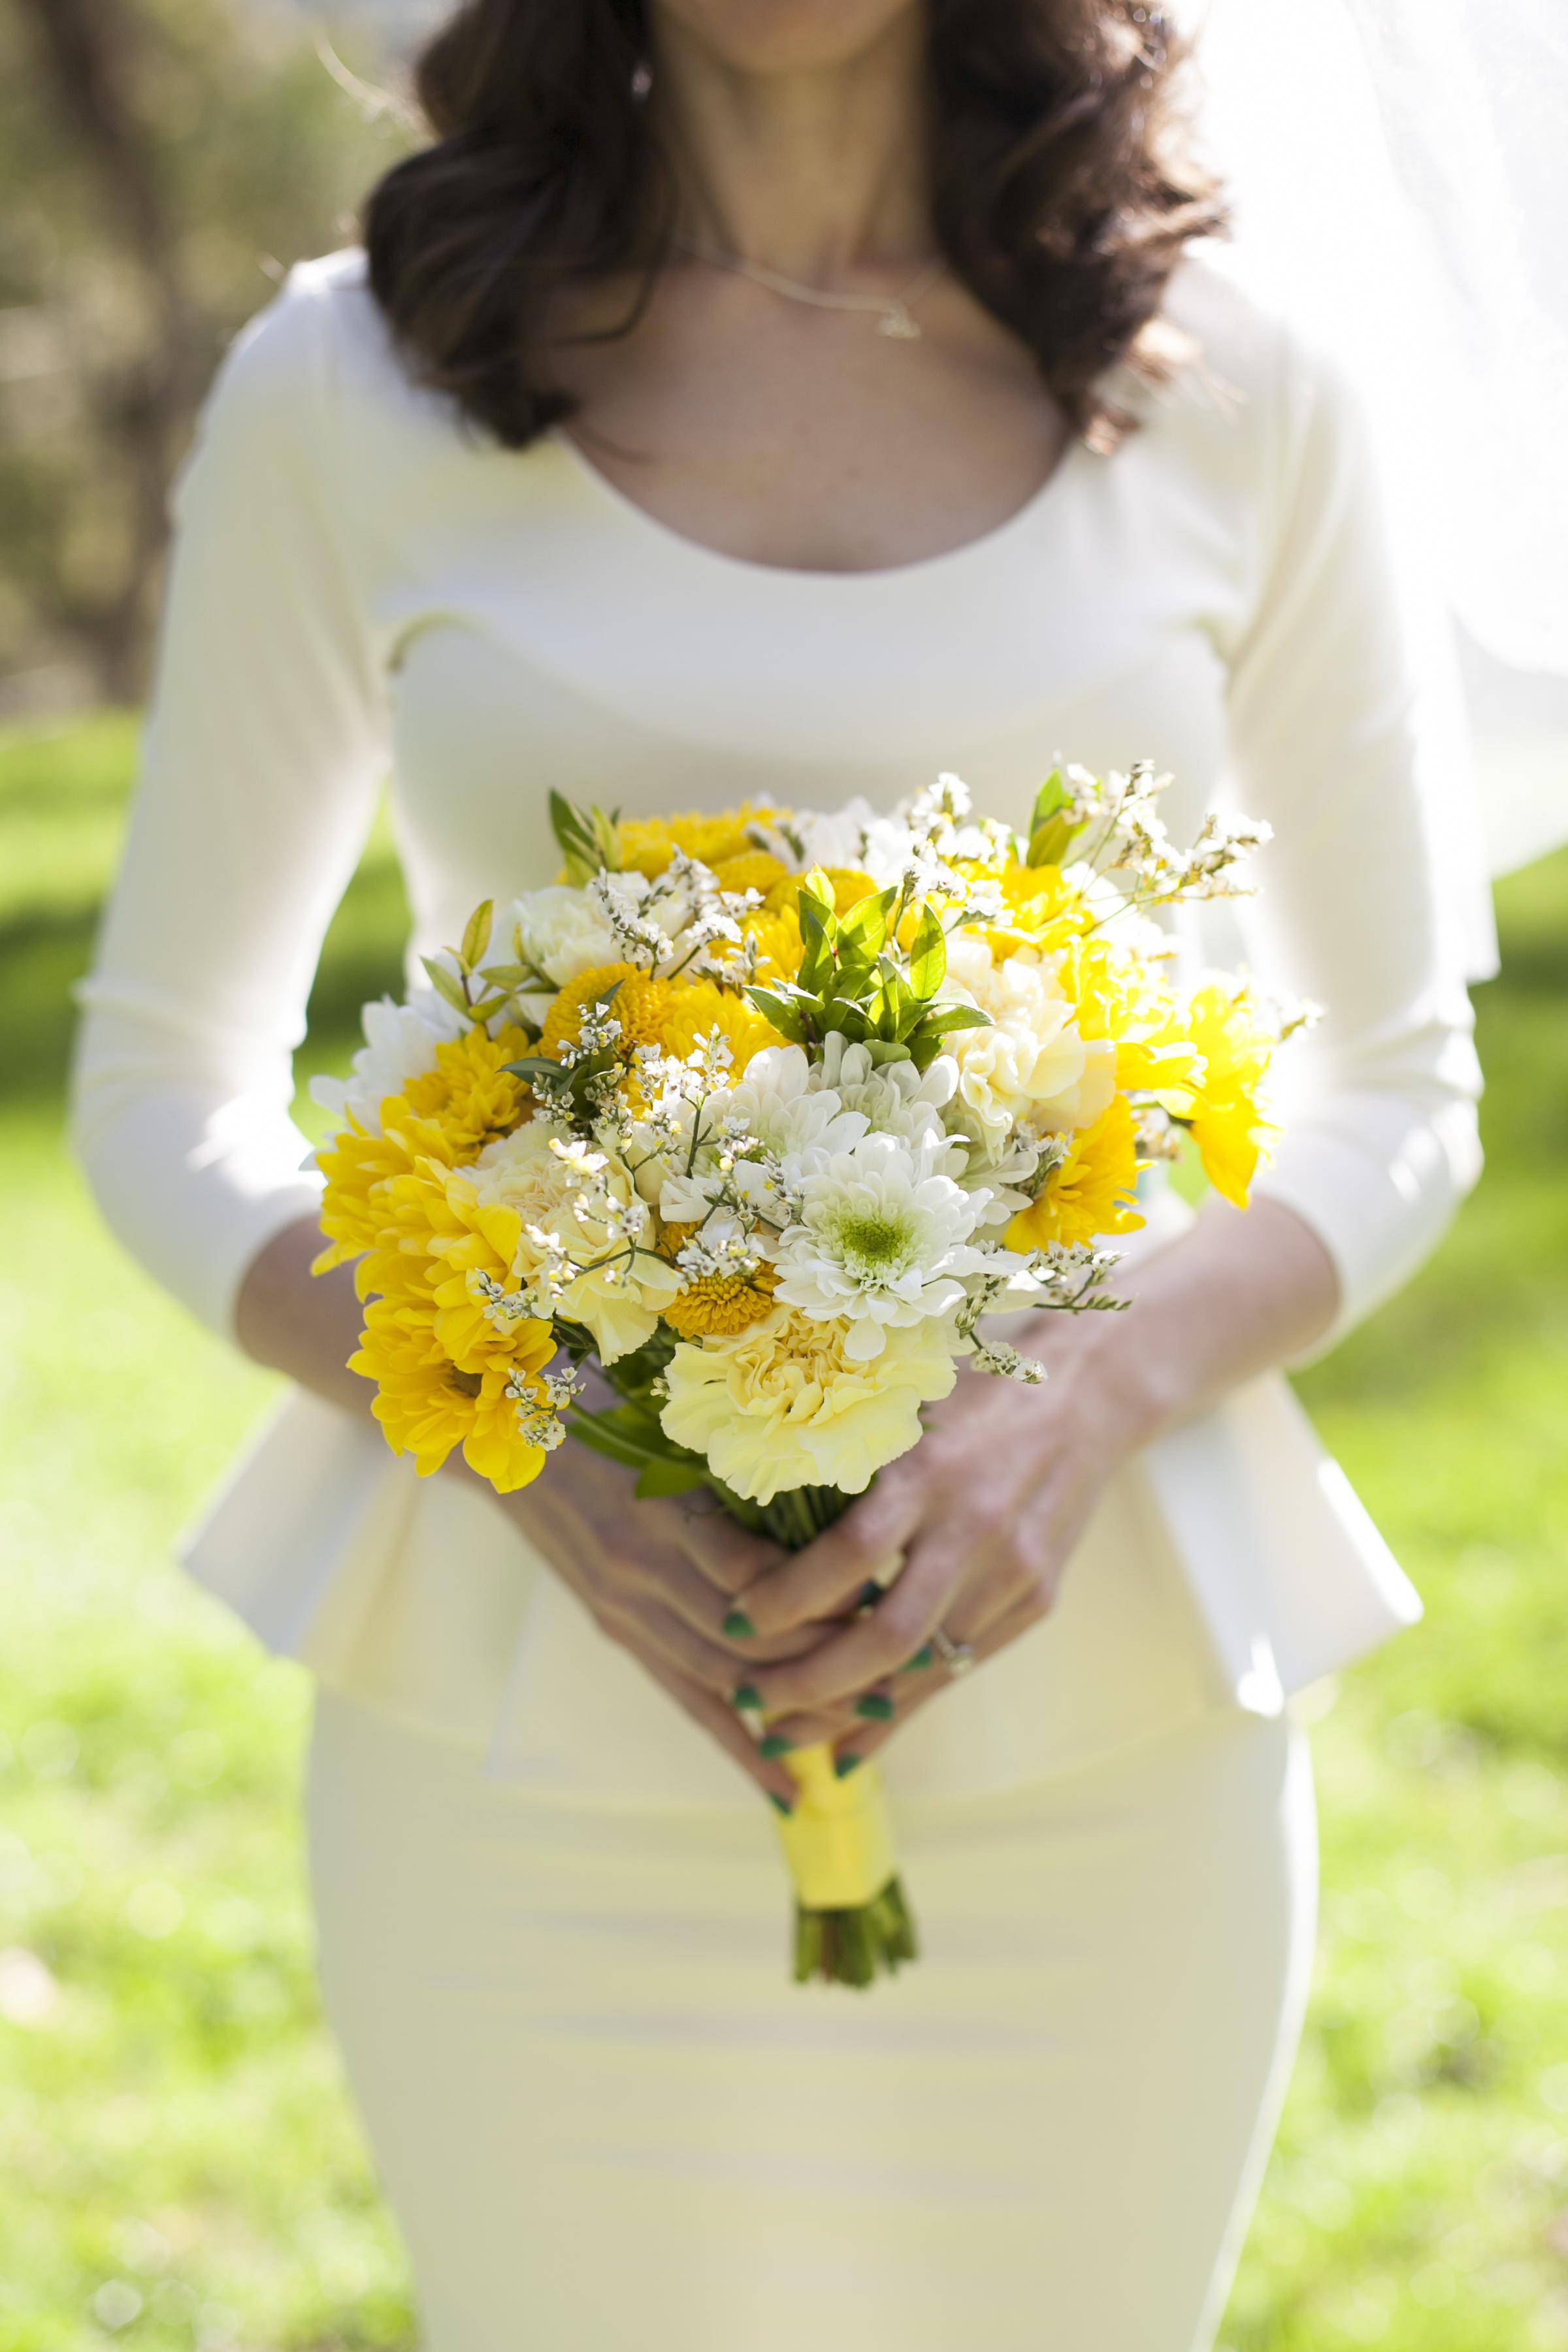 Tilden Park Berkeley Wedding Photographer-Meo Baaklini001.jpg